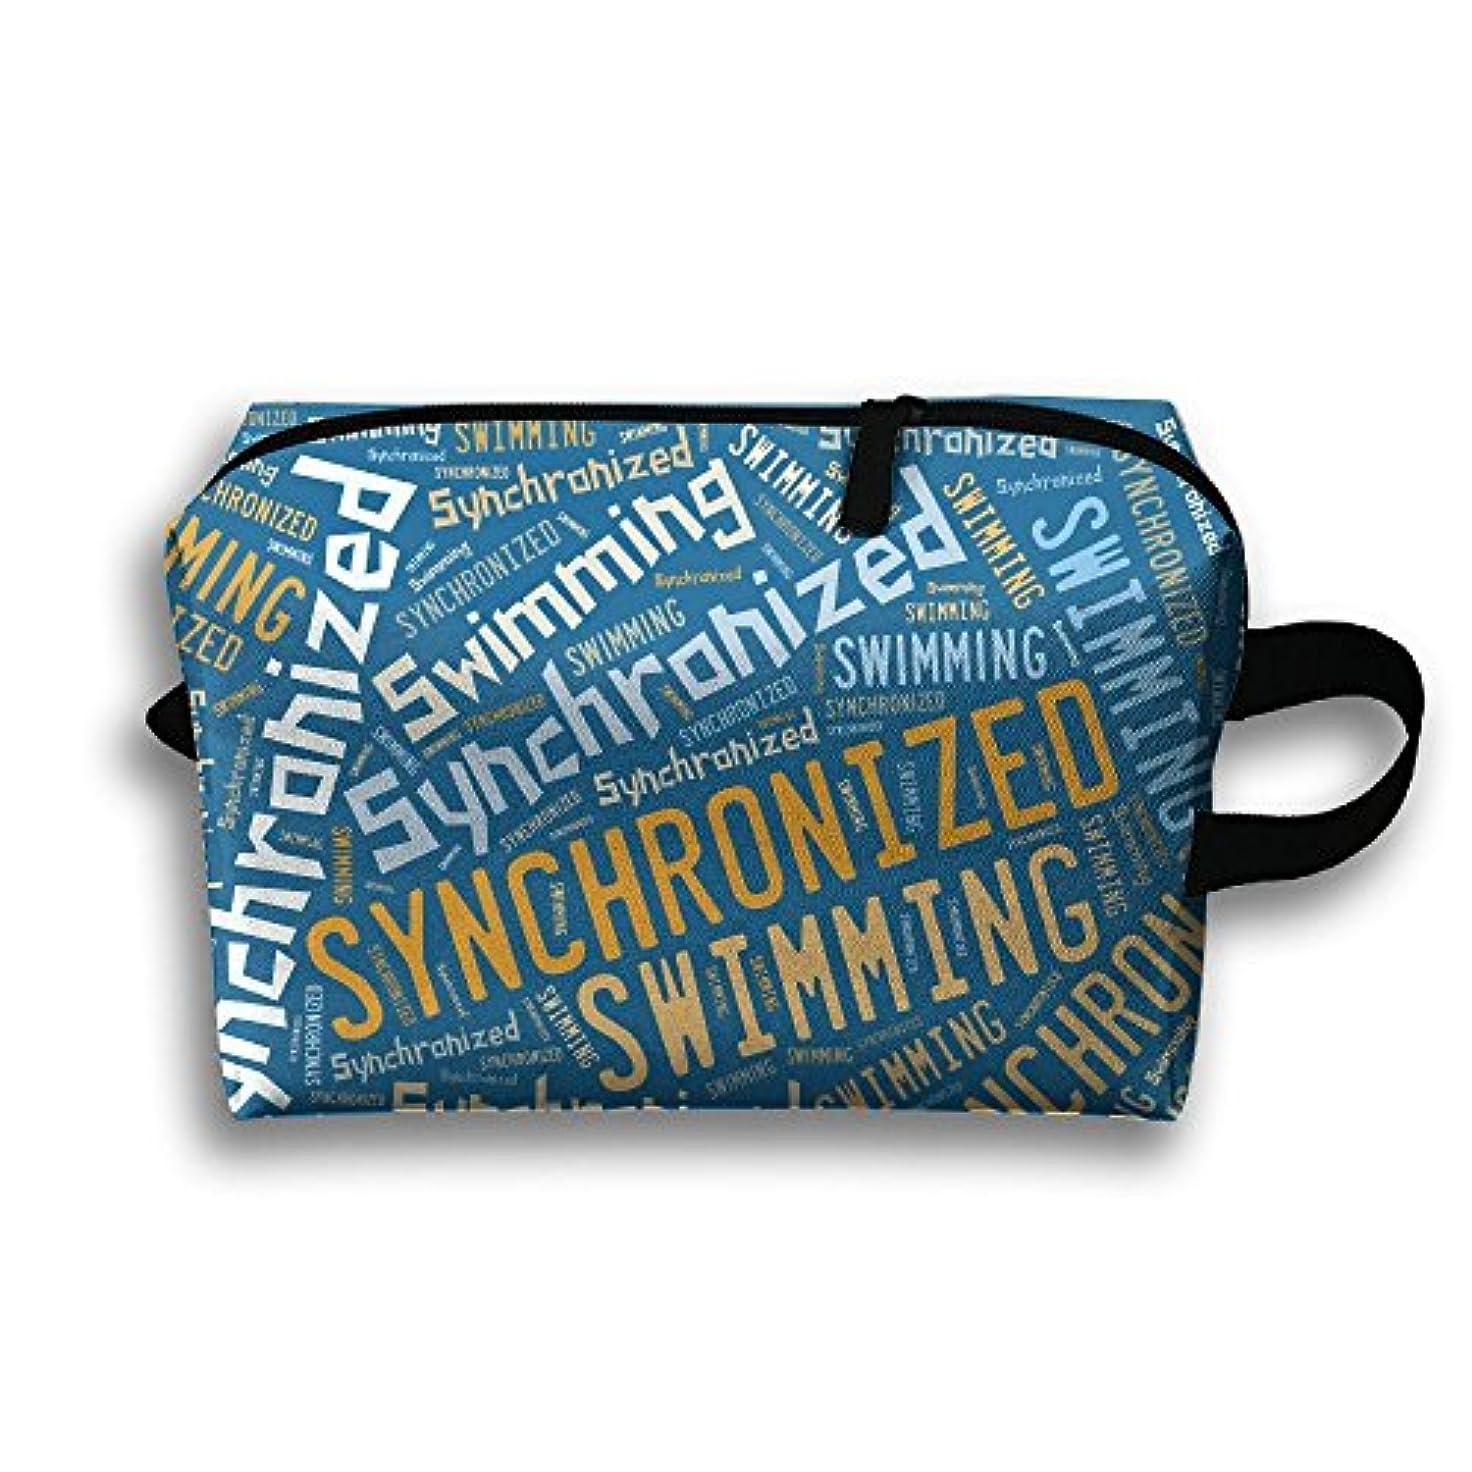 ジェットカニ華氏ポーチ シンクロナイズドスイミング 旅行用化粧品バッグ 洗面用具 出張 PC周辺小物整理 小物入れ 大容量 軽量 収納 White